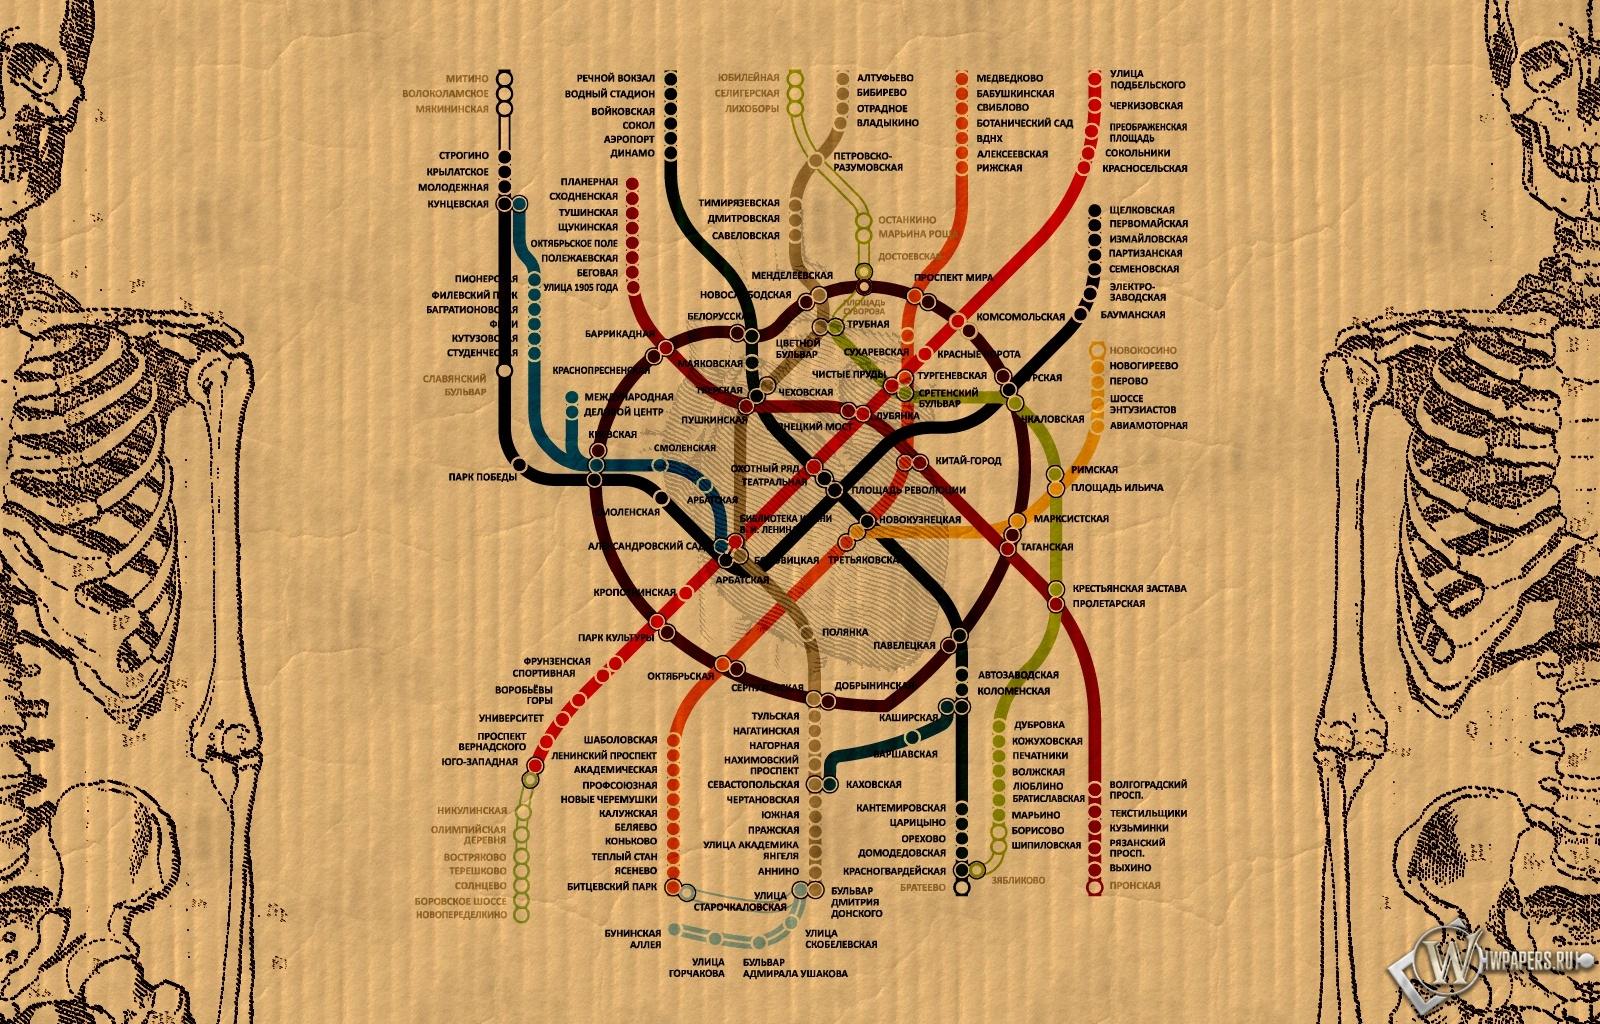 3д схема метро москвы